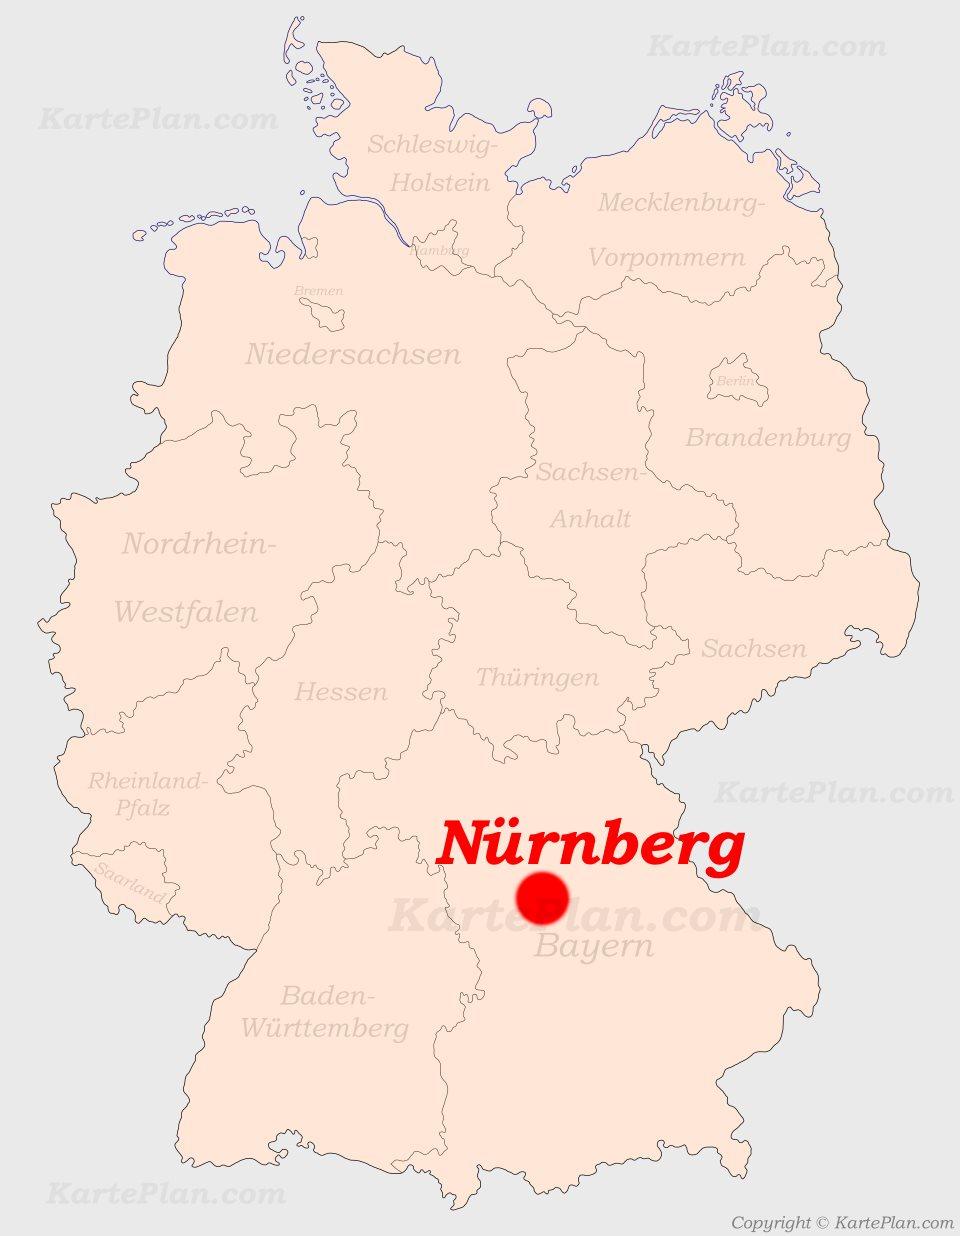 nürnberg karte deutschland Nürnberg auf der Deutschlandkarte